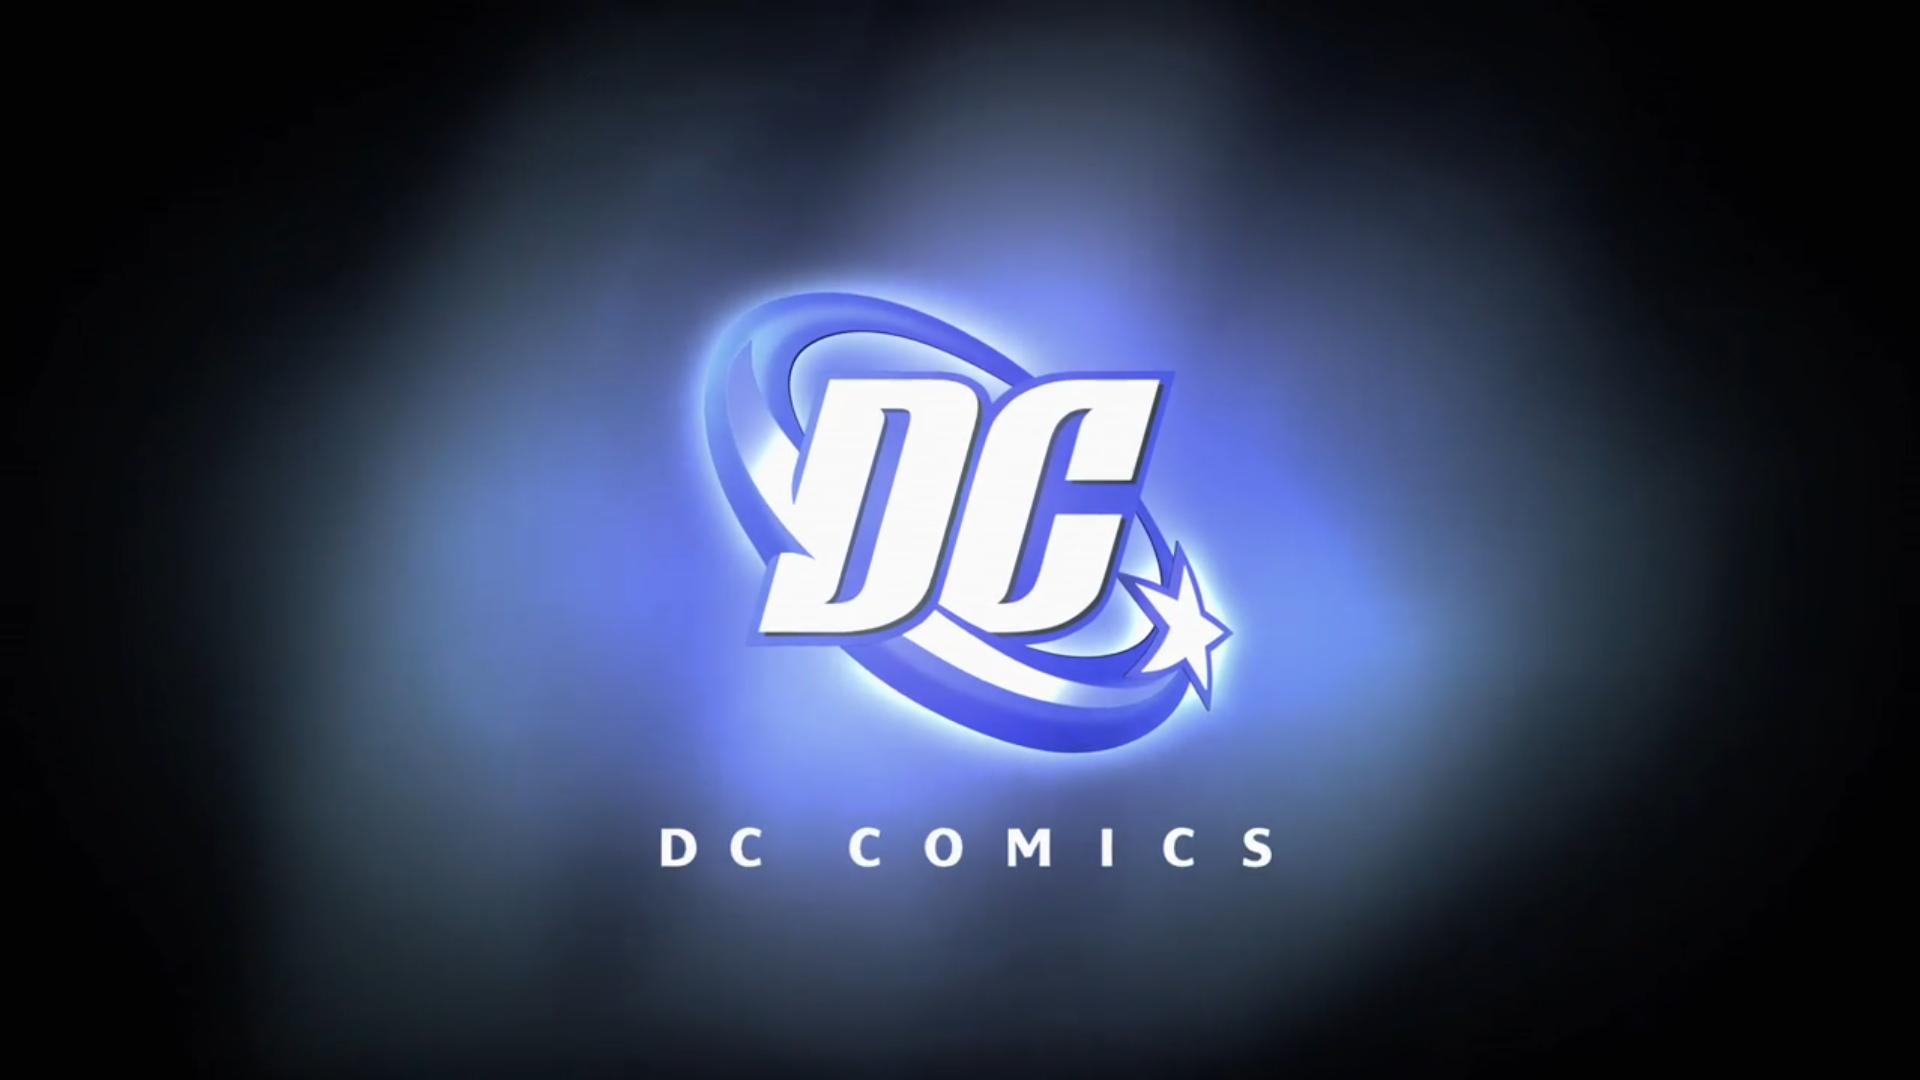 DC Comics Full HD Fondo De Pantalla And Fondo De